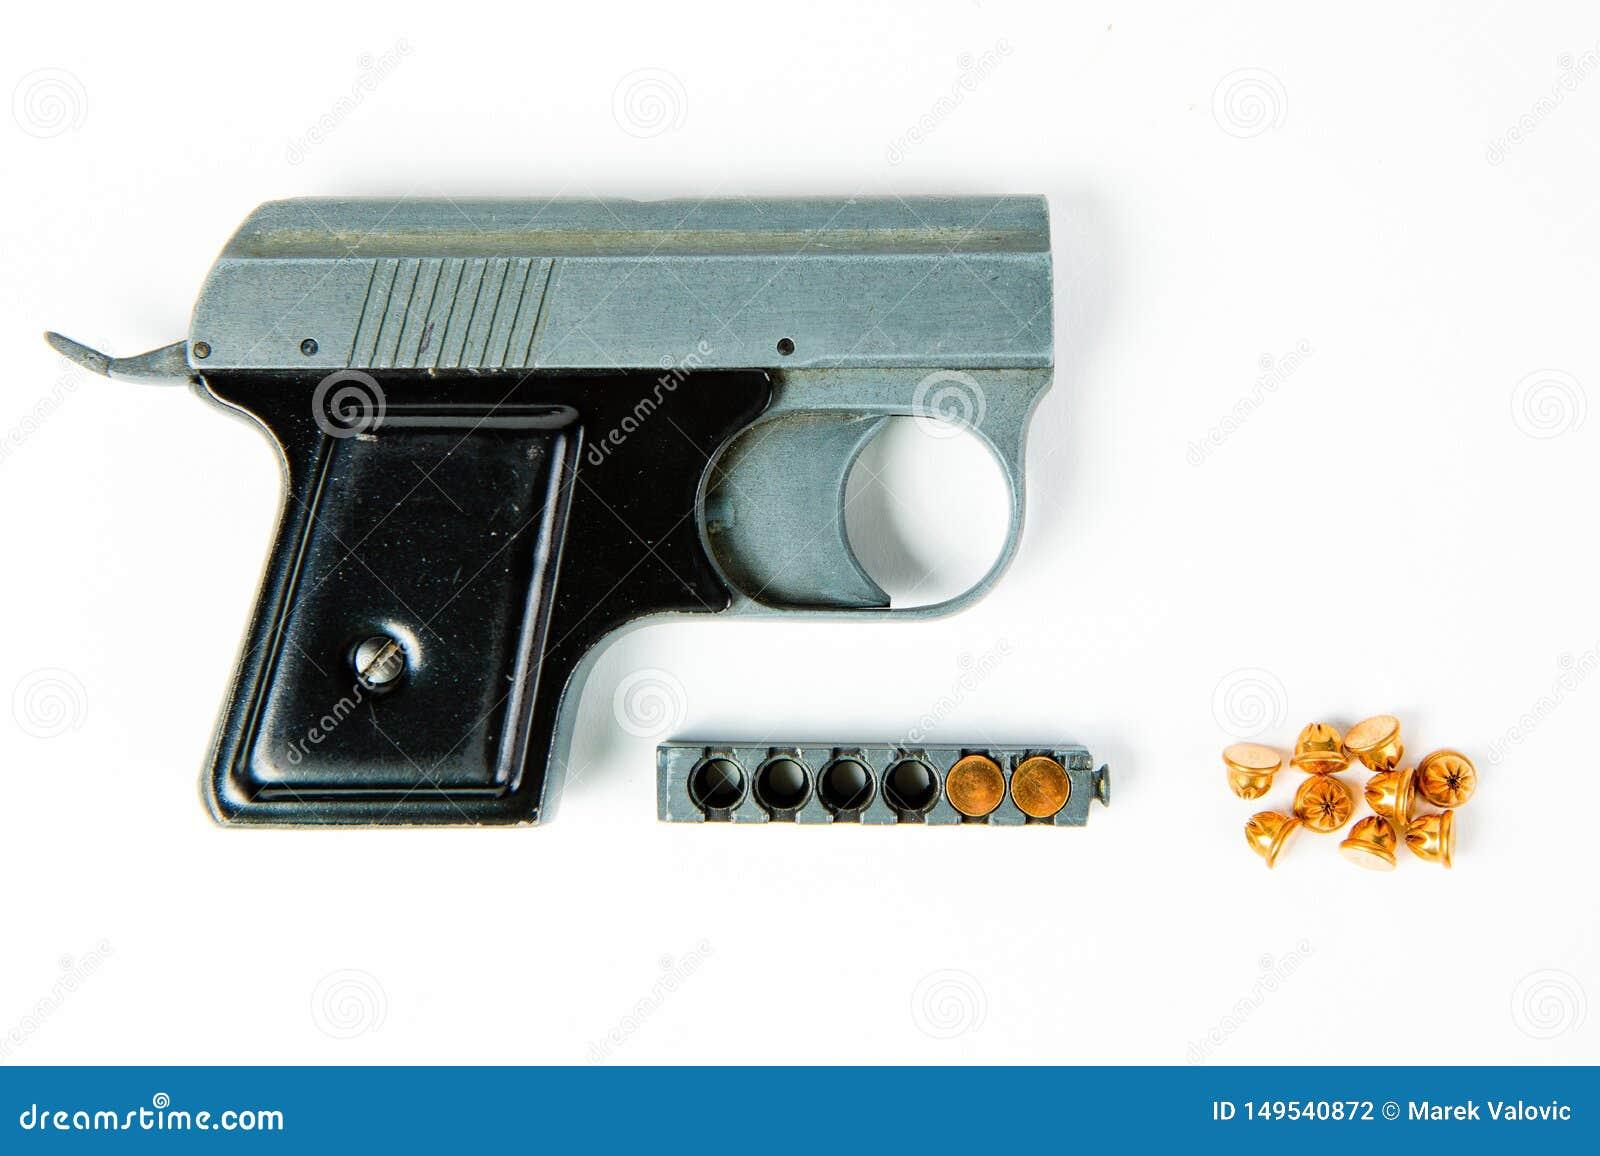 Het oude grijze pistool van de legeringsaanzet met zwarte greep - tijdschrift